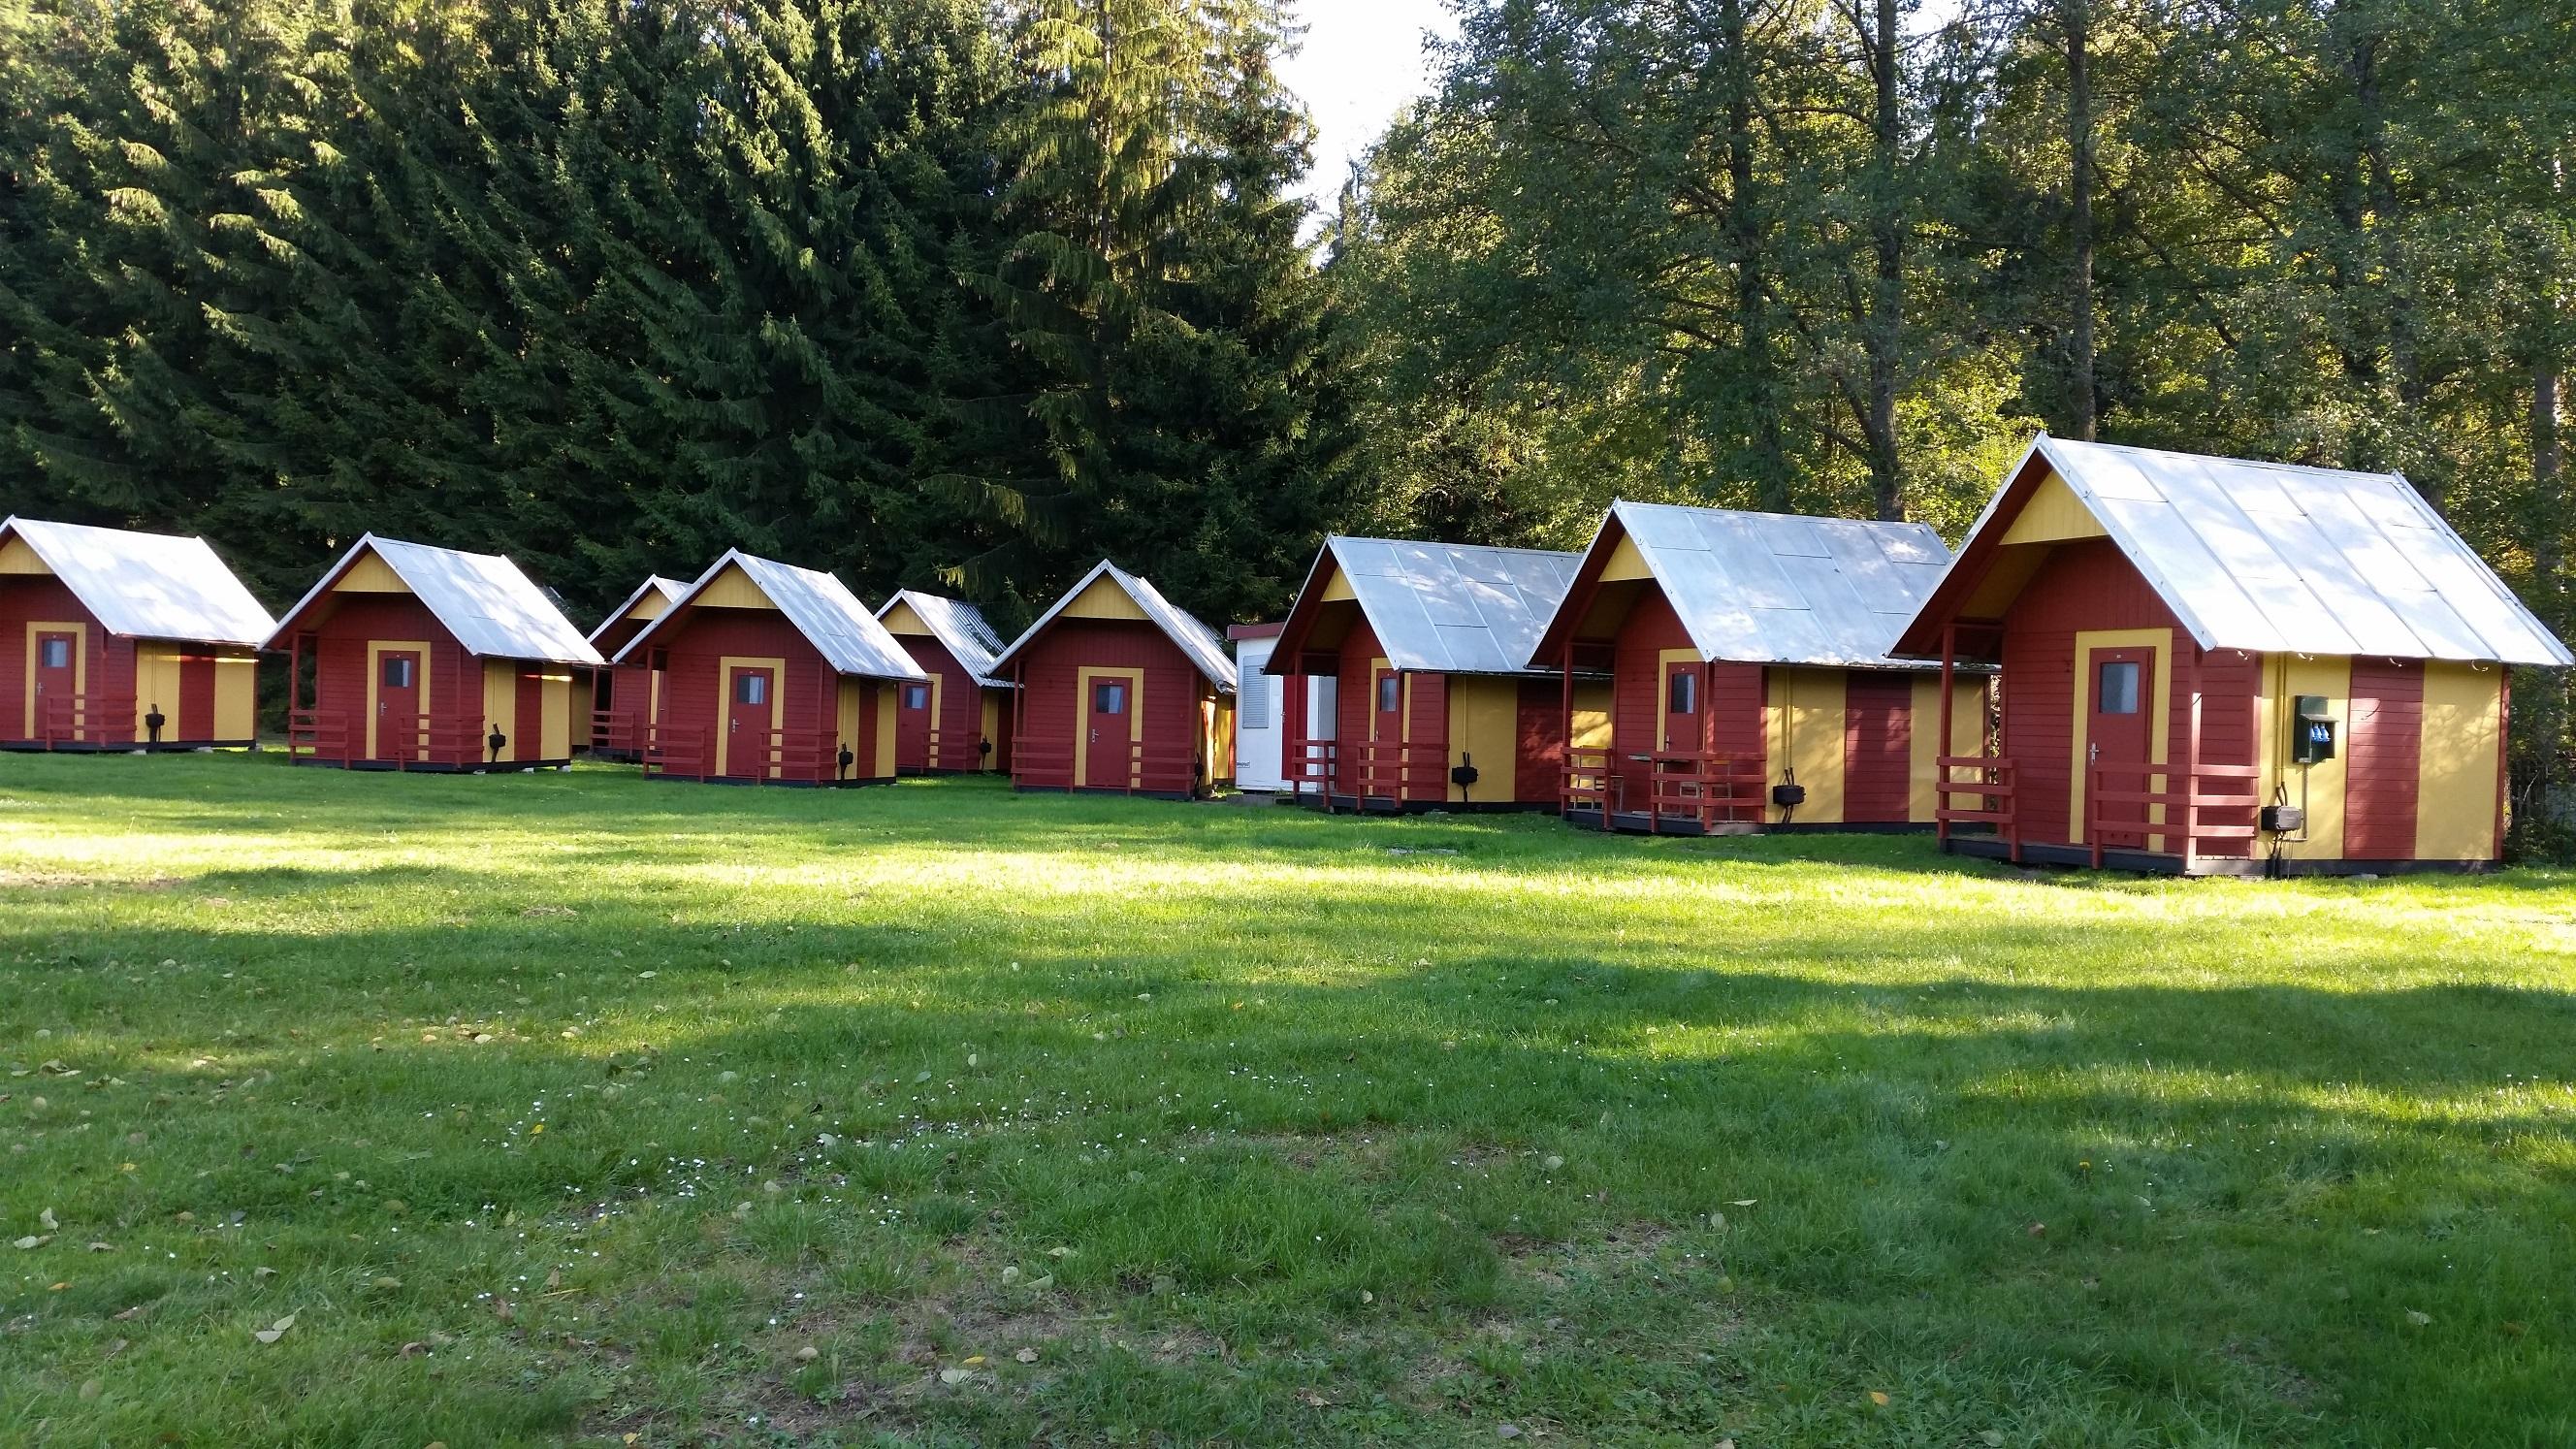 Trekkershut camping tsjechie